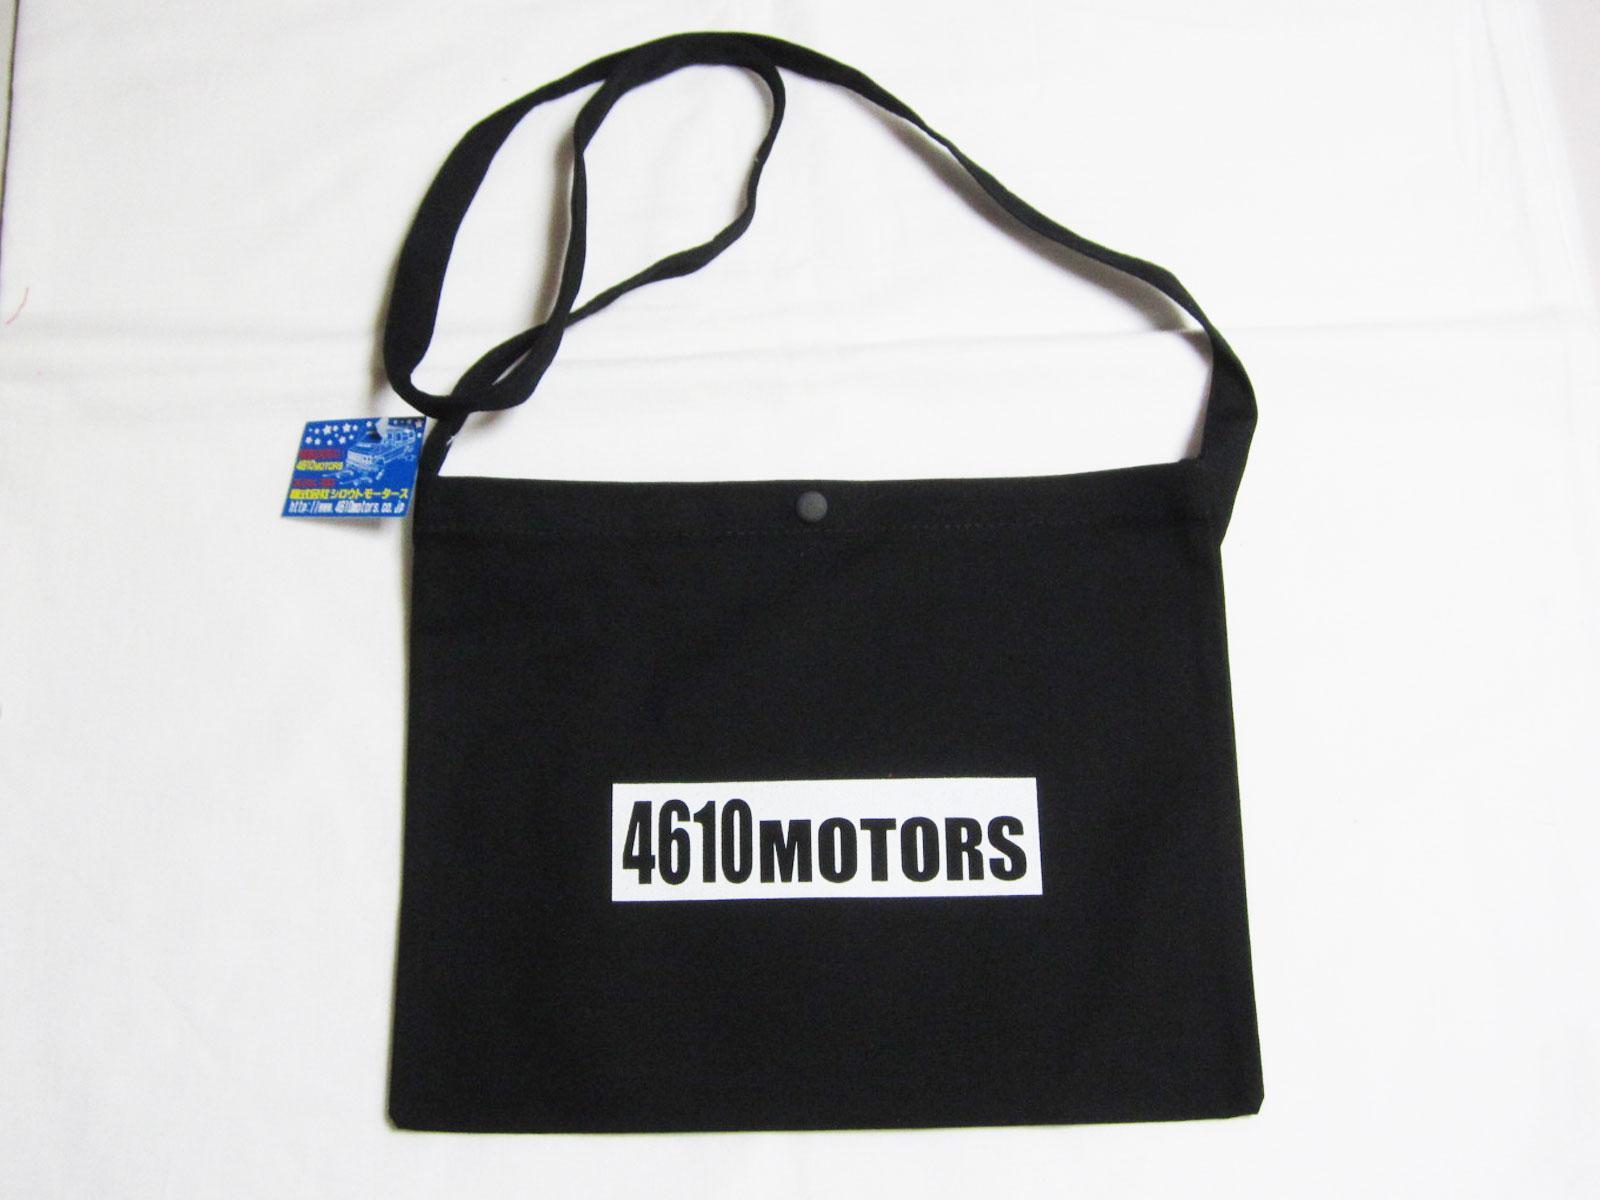 サコッシュ BLACK 4610MOTORS シロウトモータース肩掛けキャンバスバッグ 黒